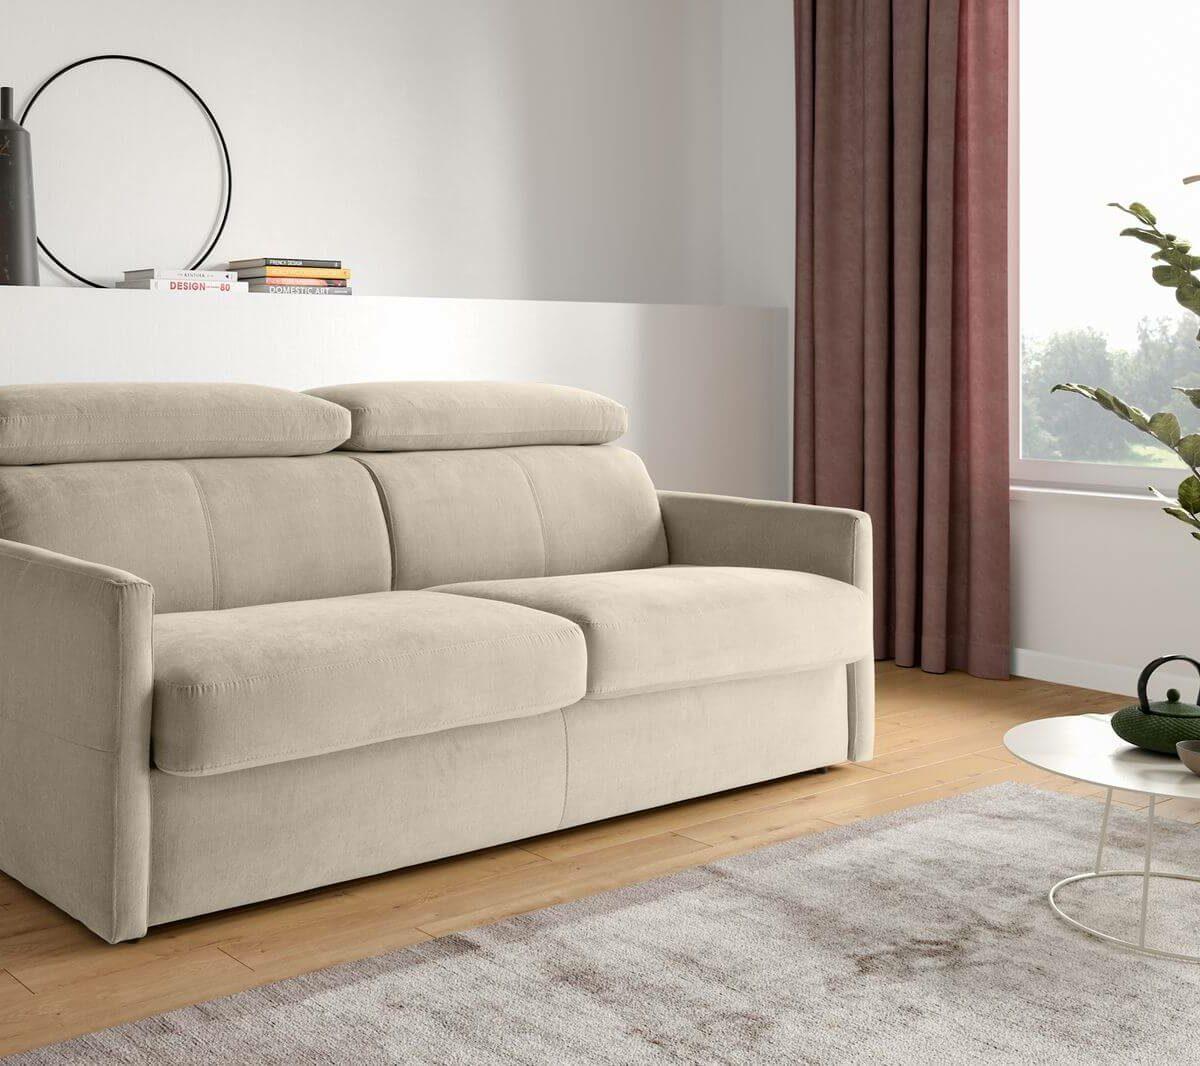 comment placer son canapé dans un salon feng shui agencement